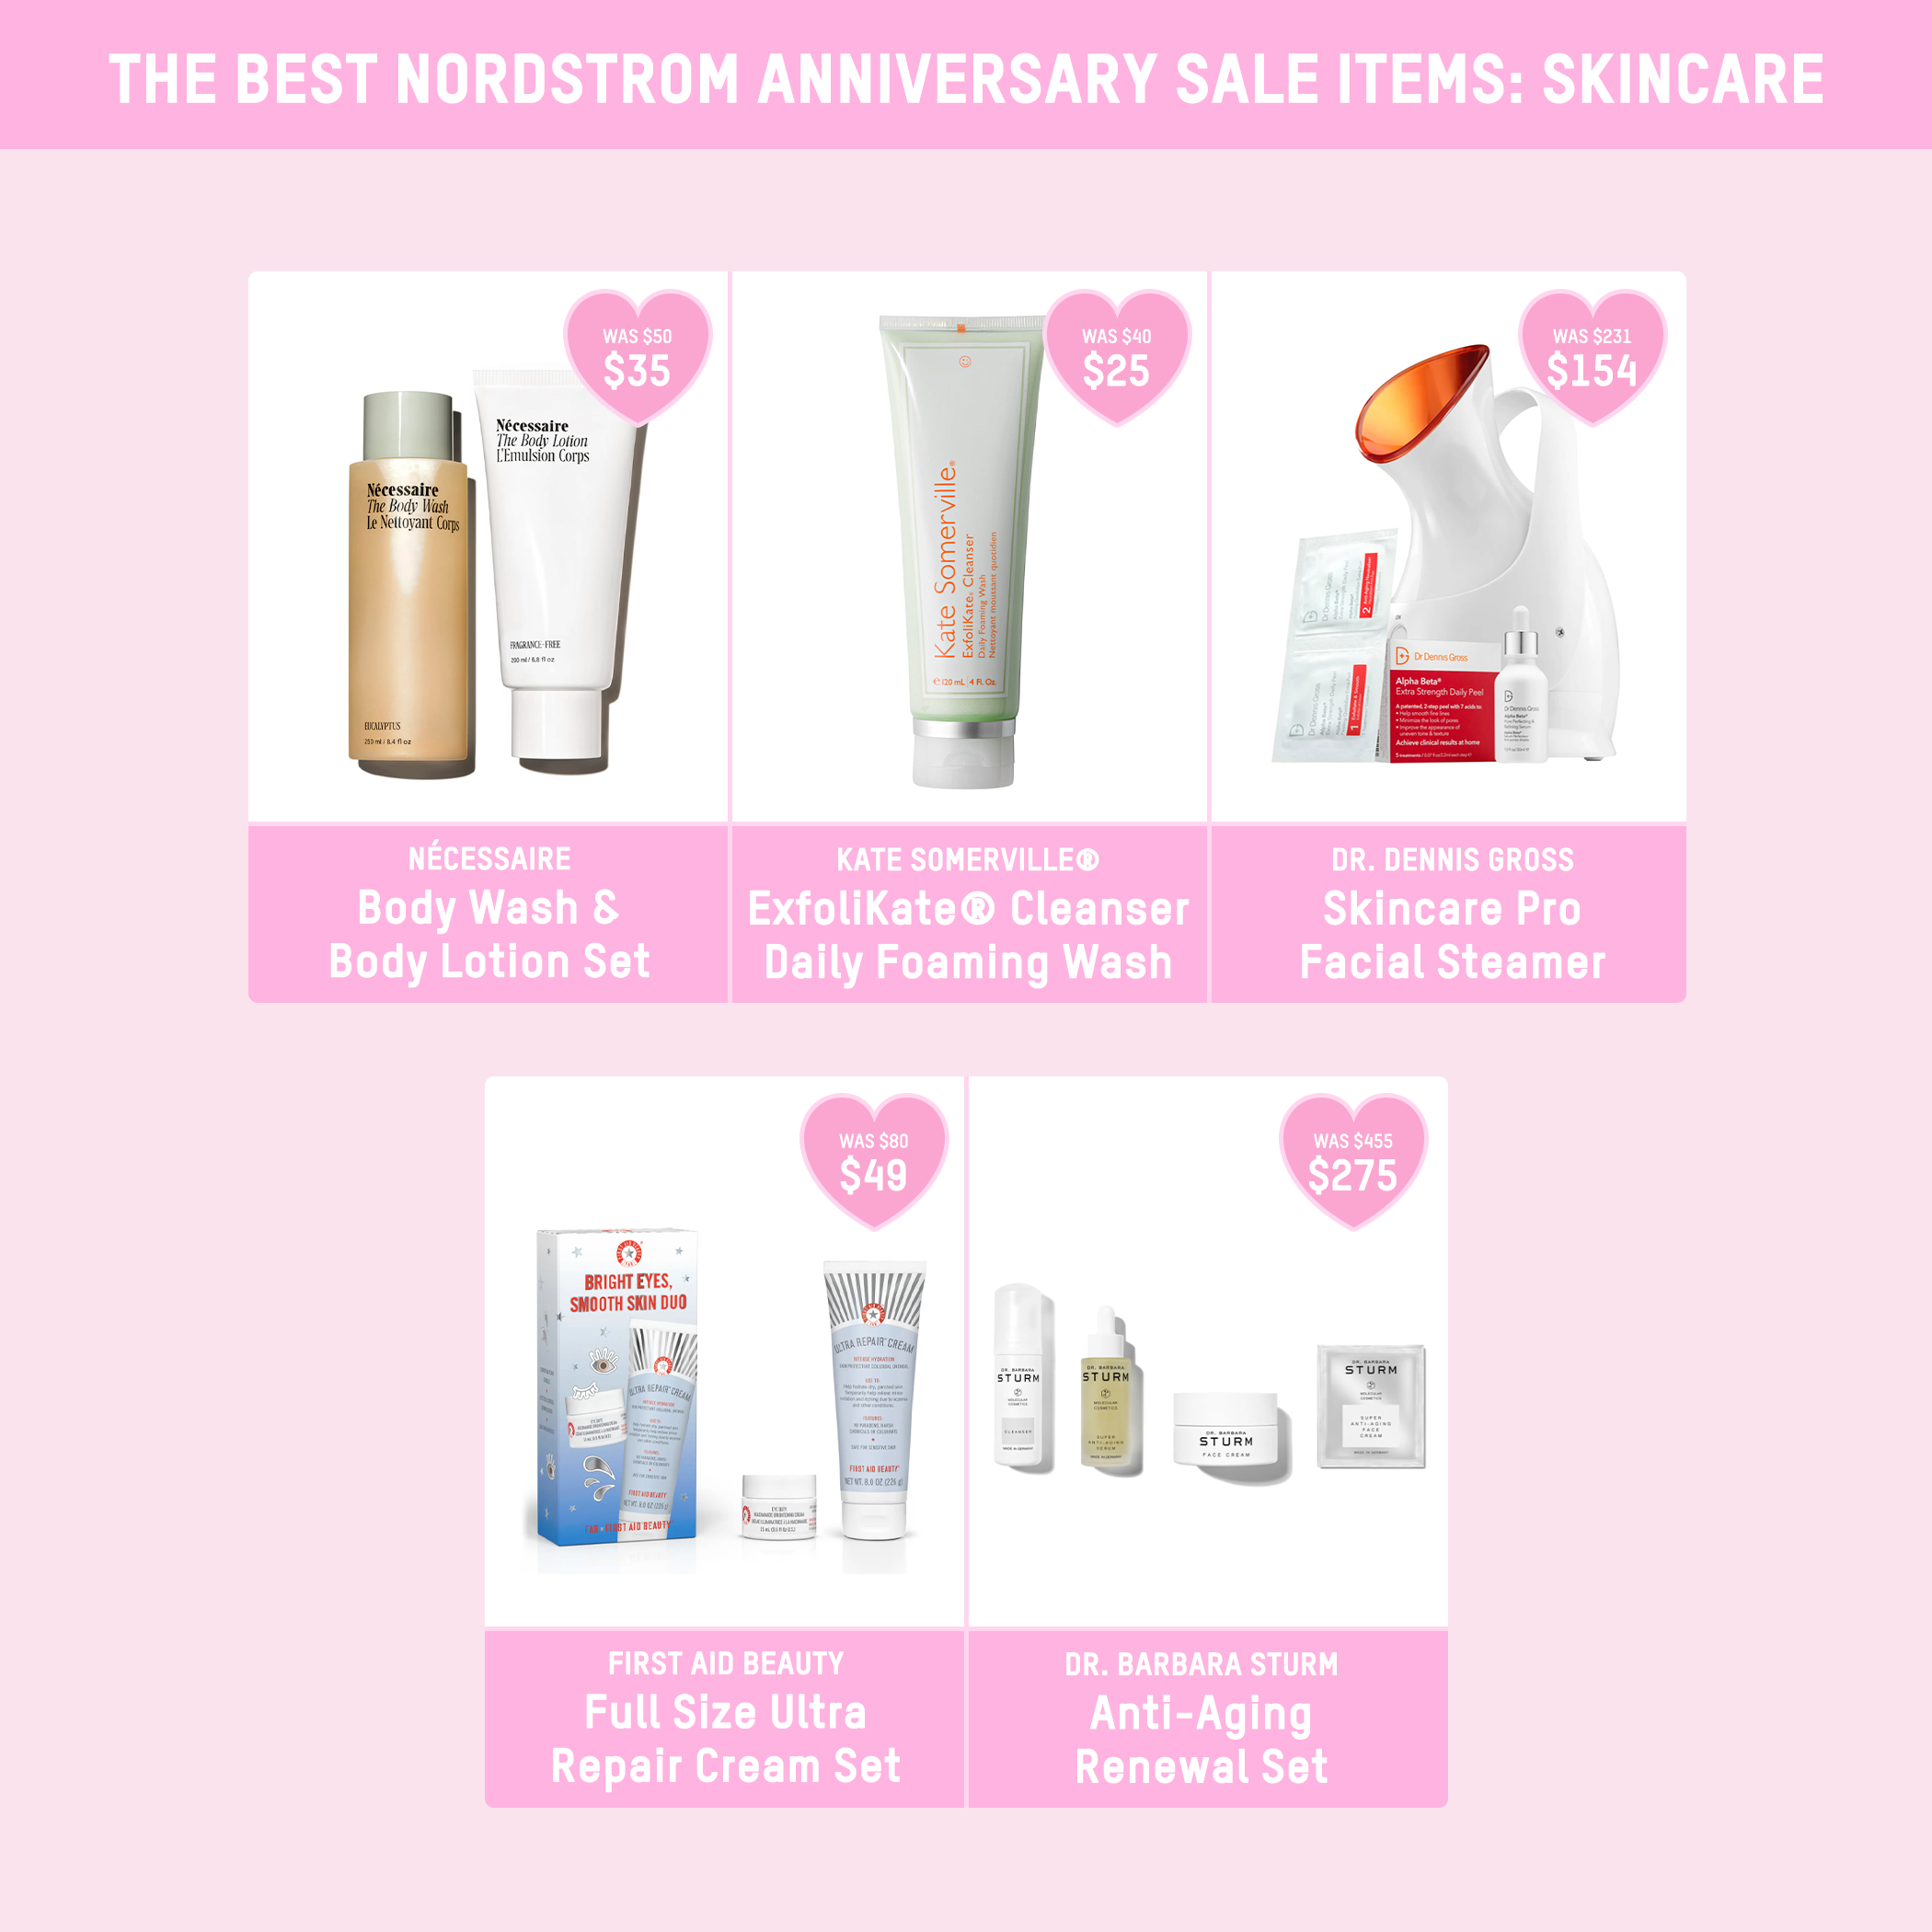 Skincare Nordstrom sale picks